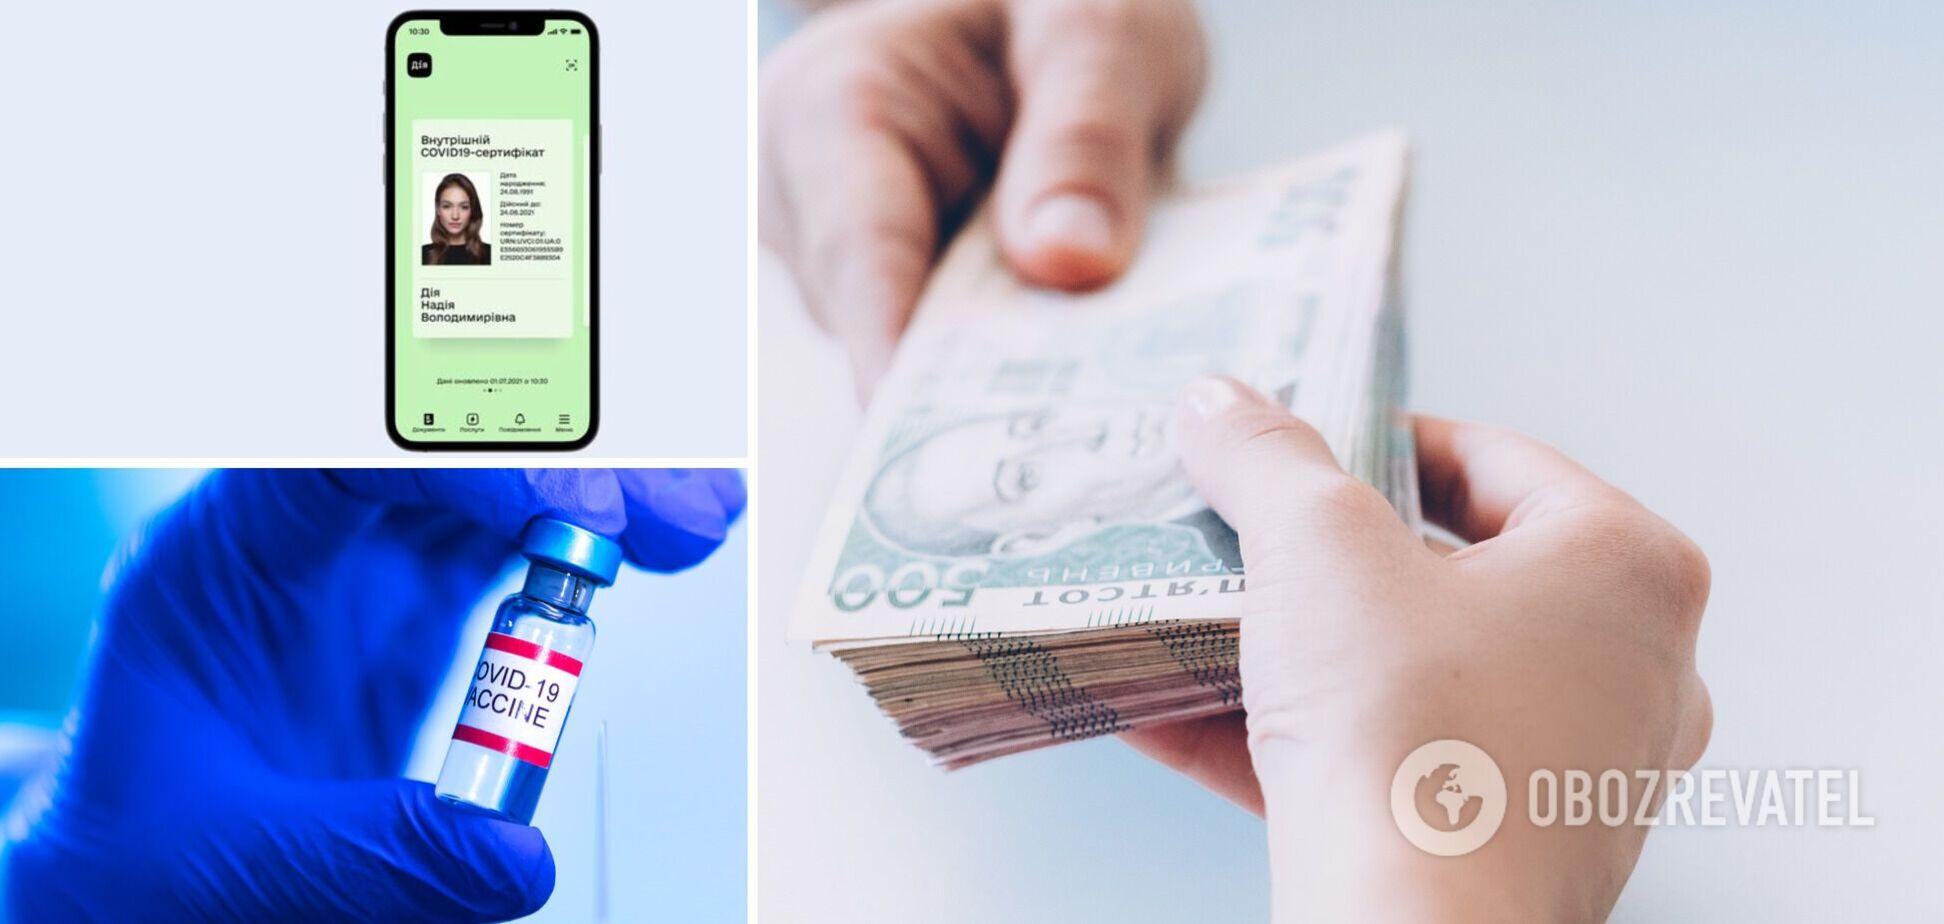 Мошенники продают фальшивые сертификаты о вакцинации